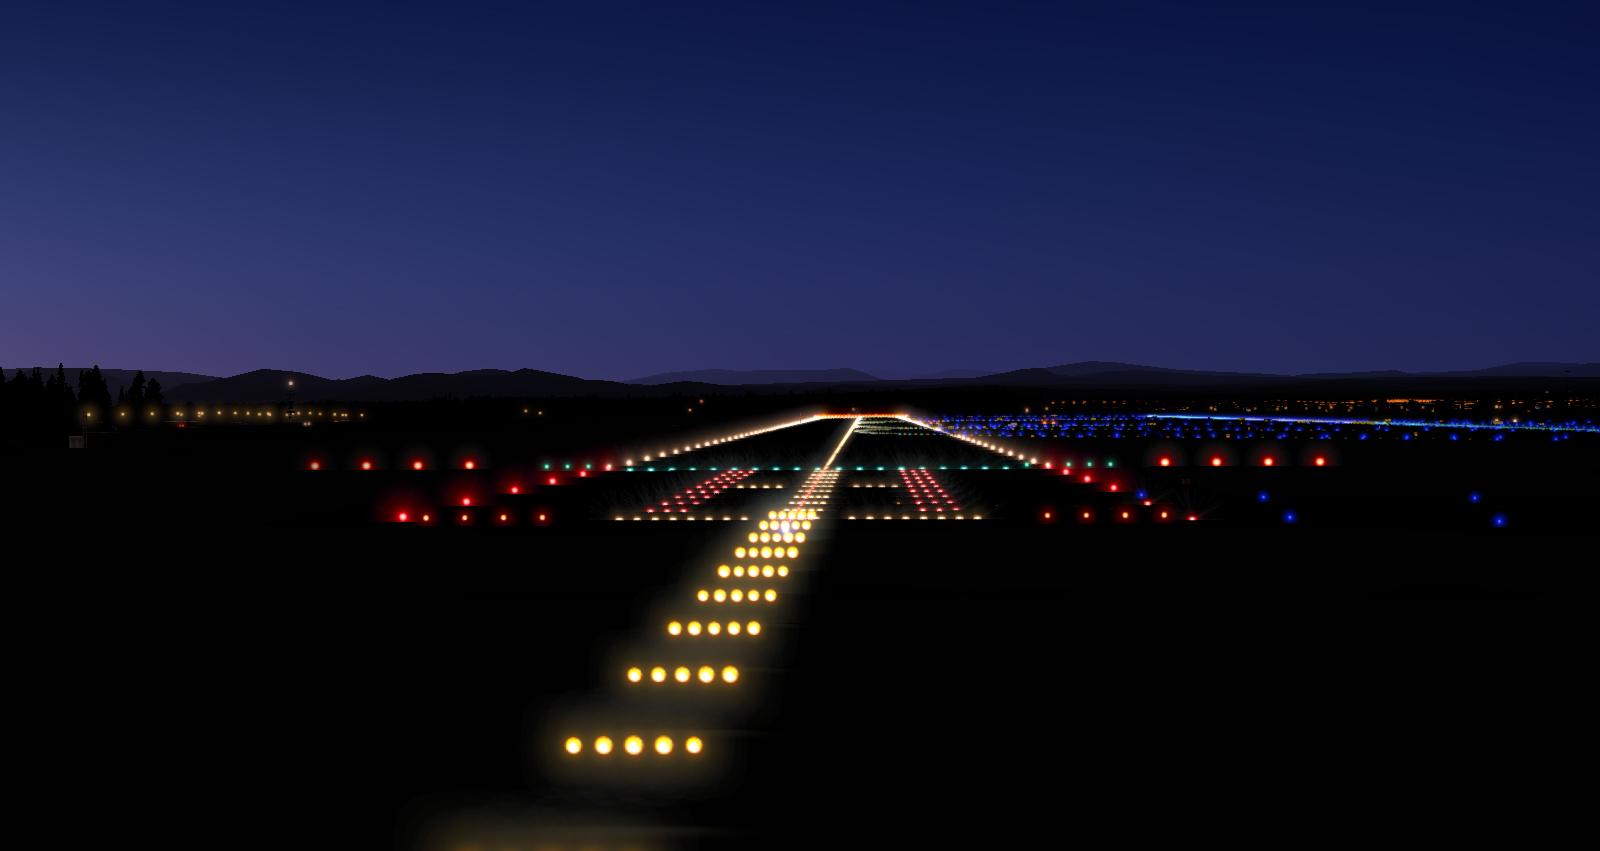 ORNL develops safer runway lighting | ORNL